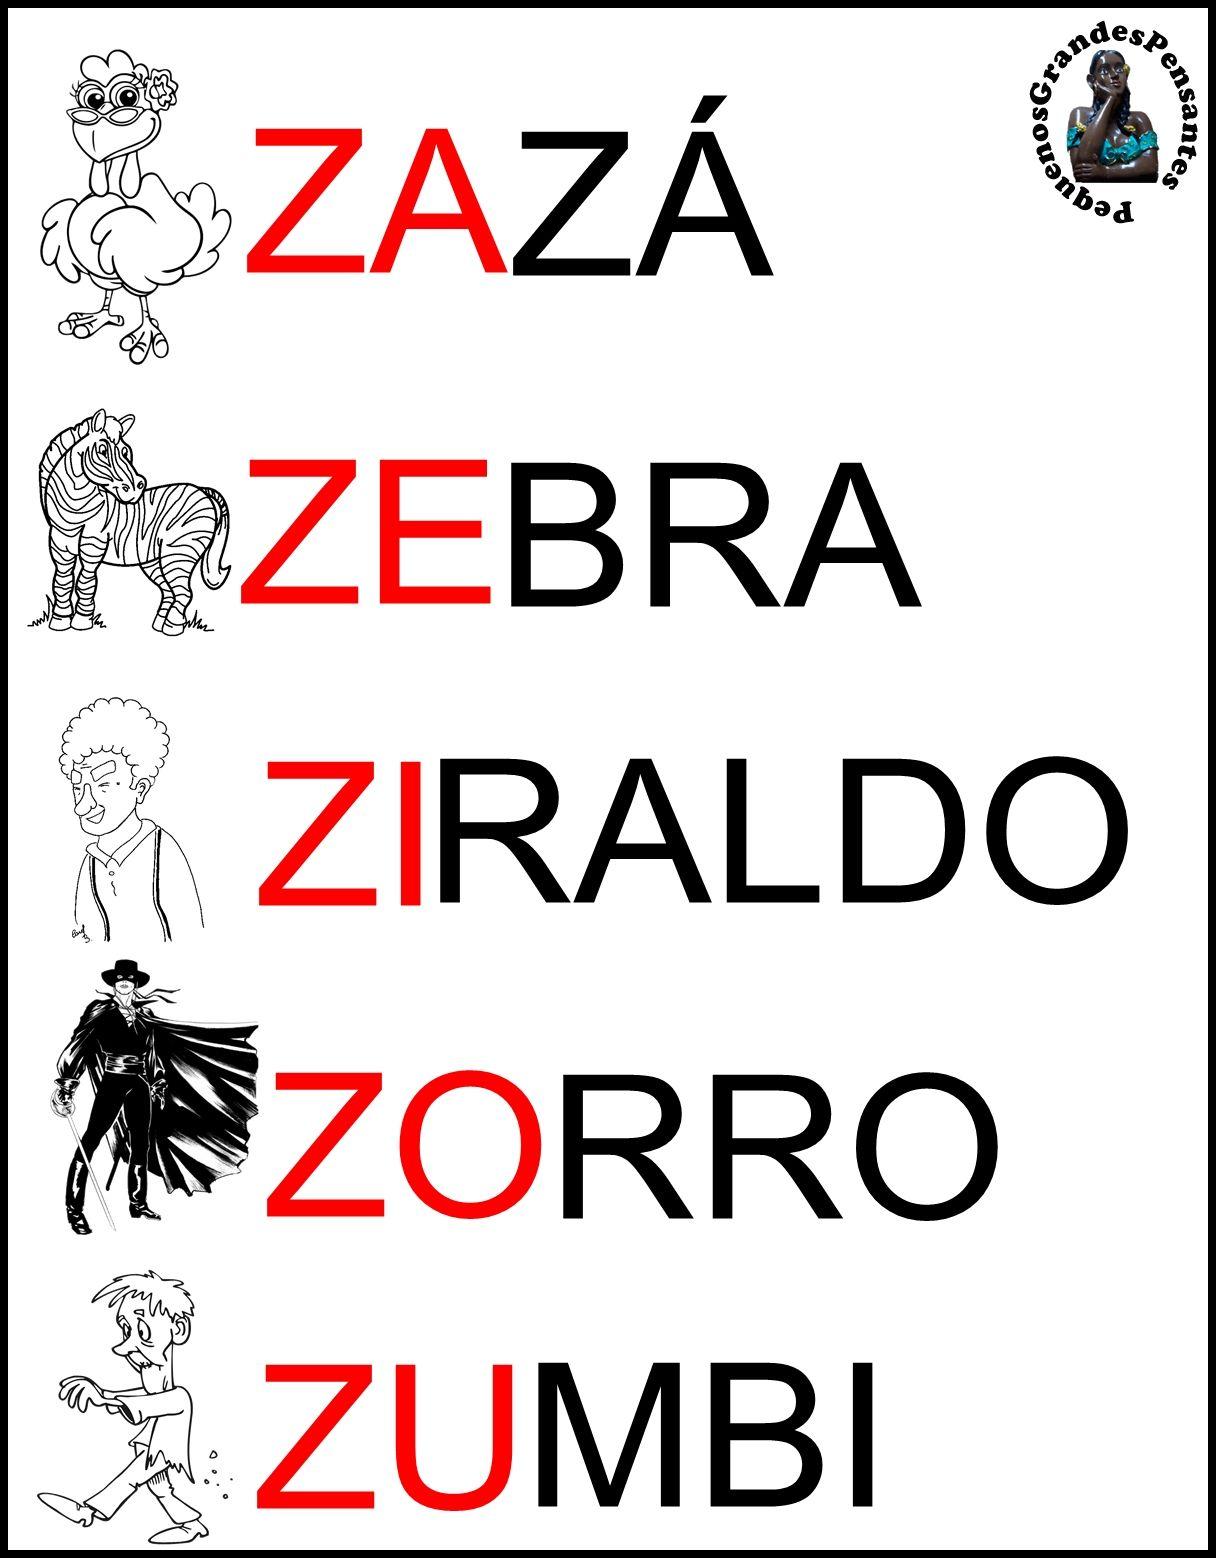 imagens para colorir zebra